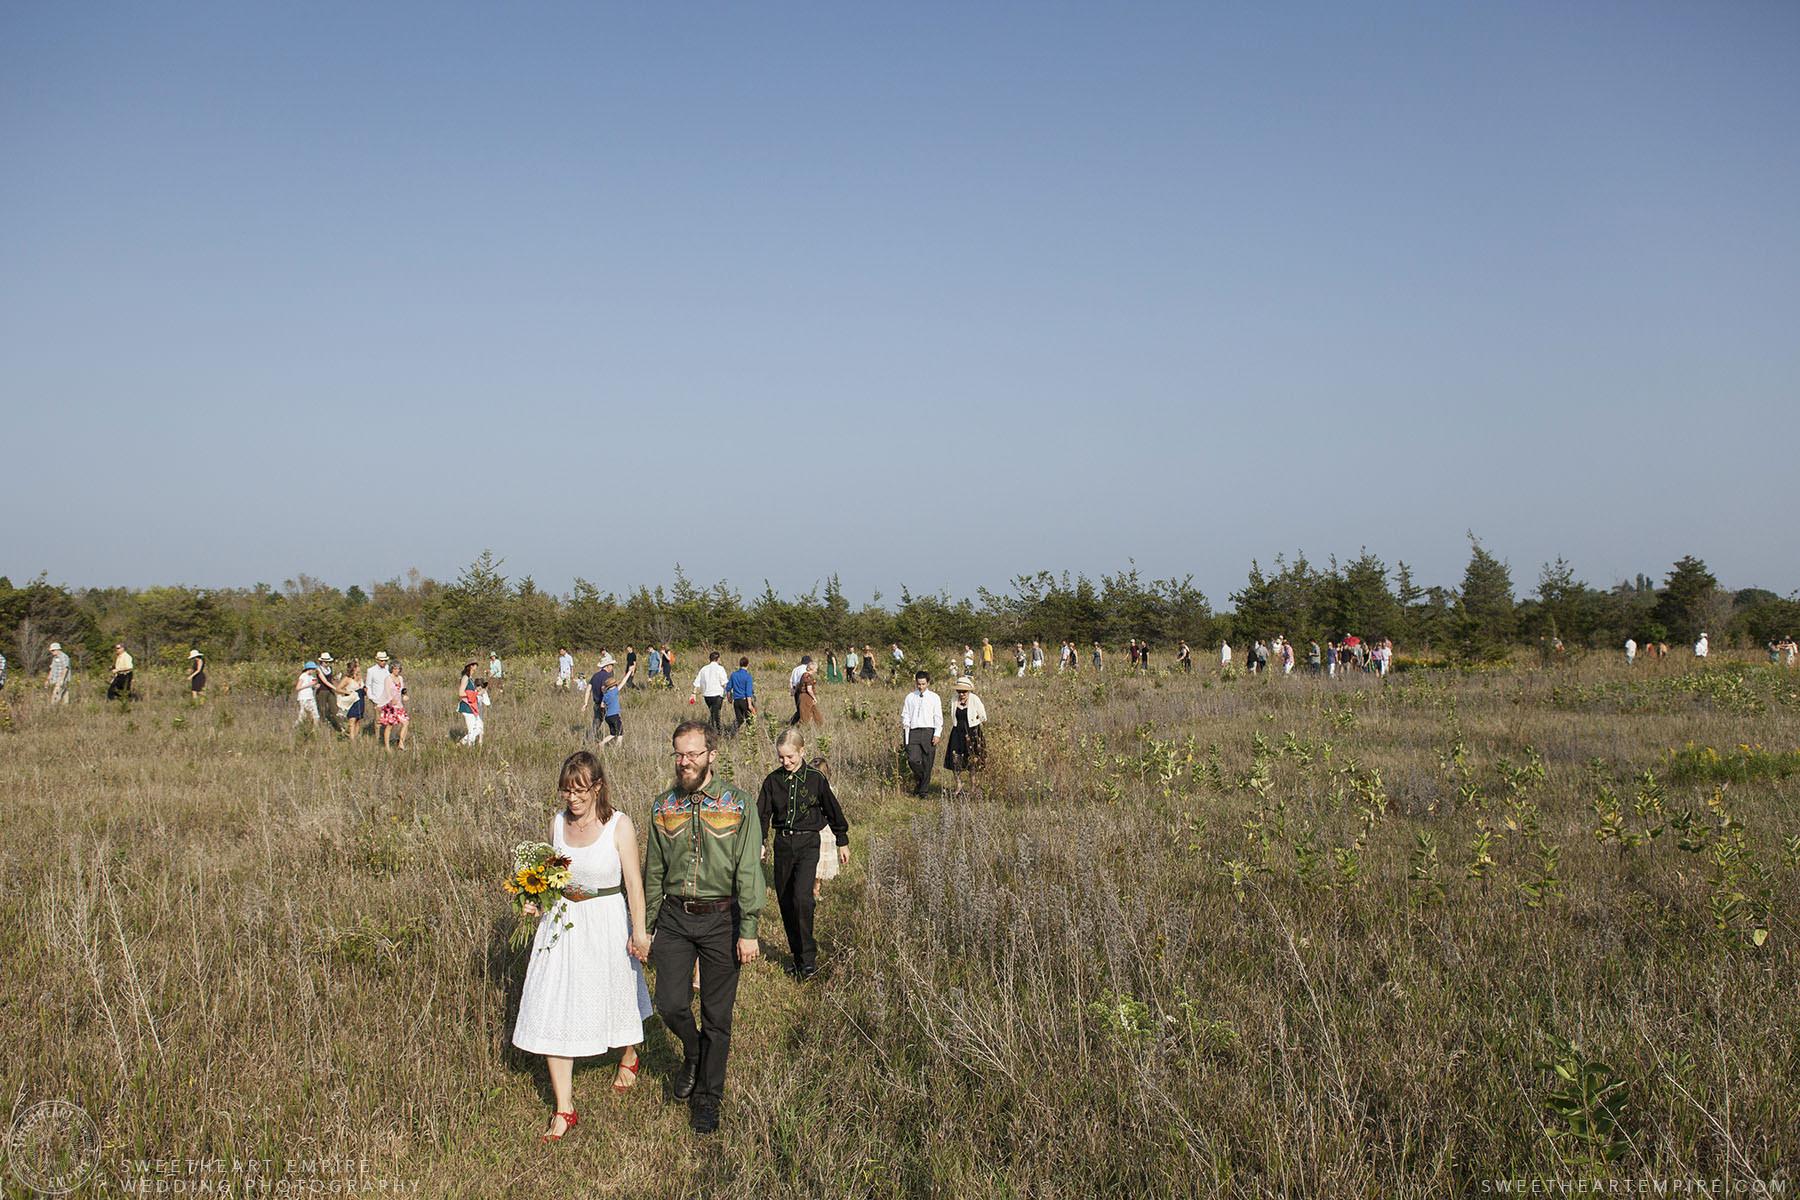 Prince-Edward-County-Wedding_33.jpg